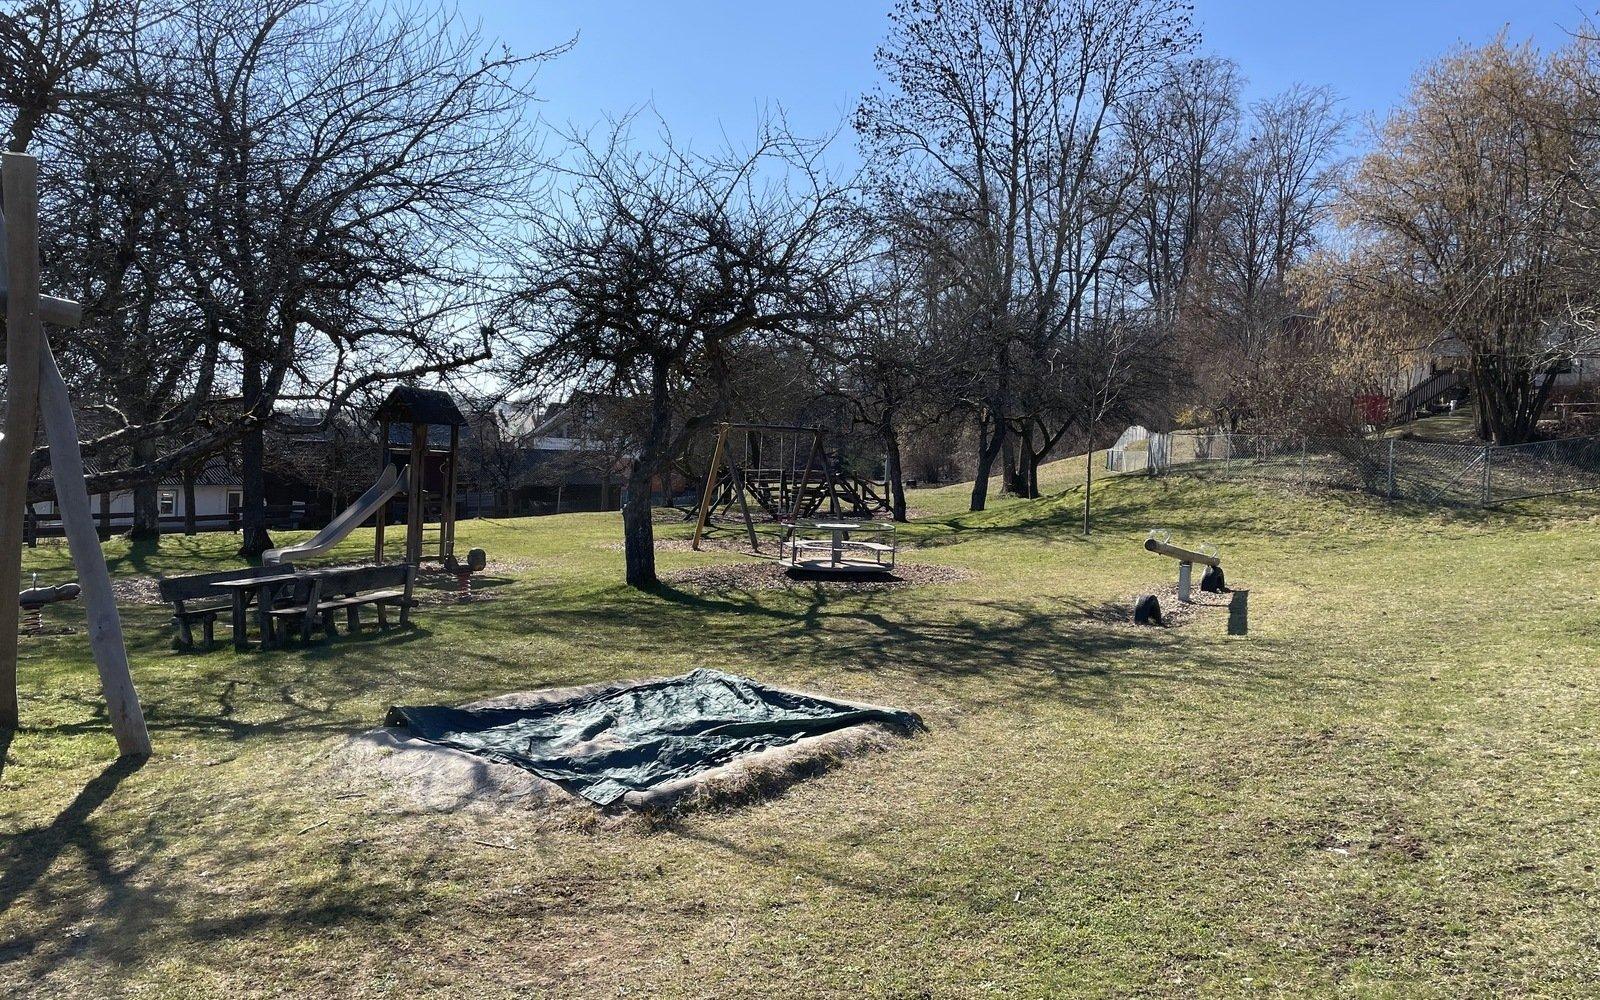 auf einer Rasenfläche ist ein Sandkasten mit einer grünen Folie abgedeckt im Hintergrund sieht man Obstbäume